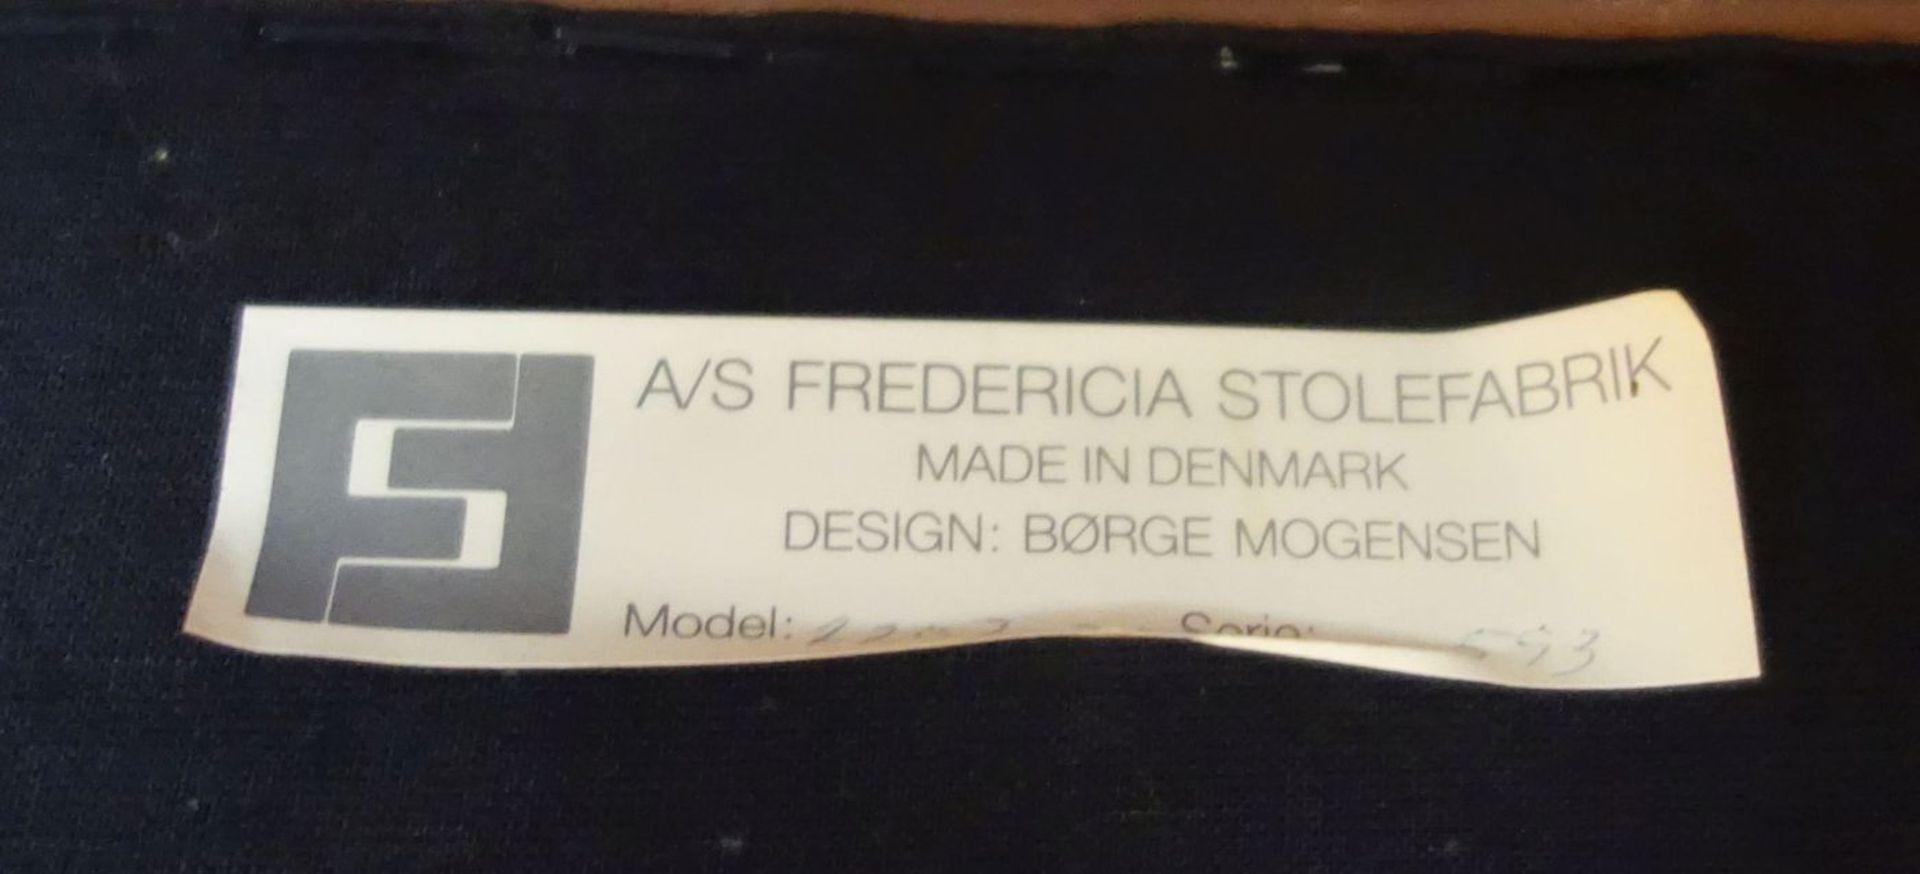 Los 40 - BORGE (Børge) MORGENSEN - SOFA UND 2 SESSEL, Entwurf 1963, Ausführung: Fredericia Stolefabrik /...